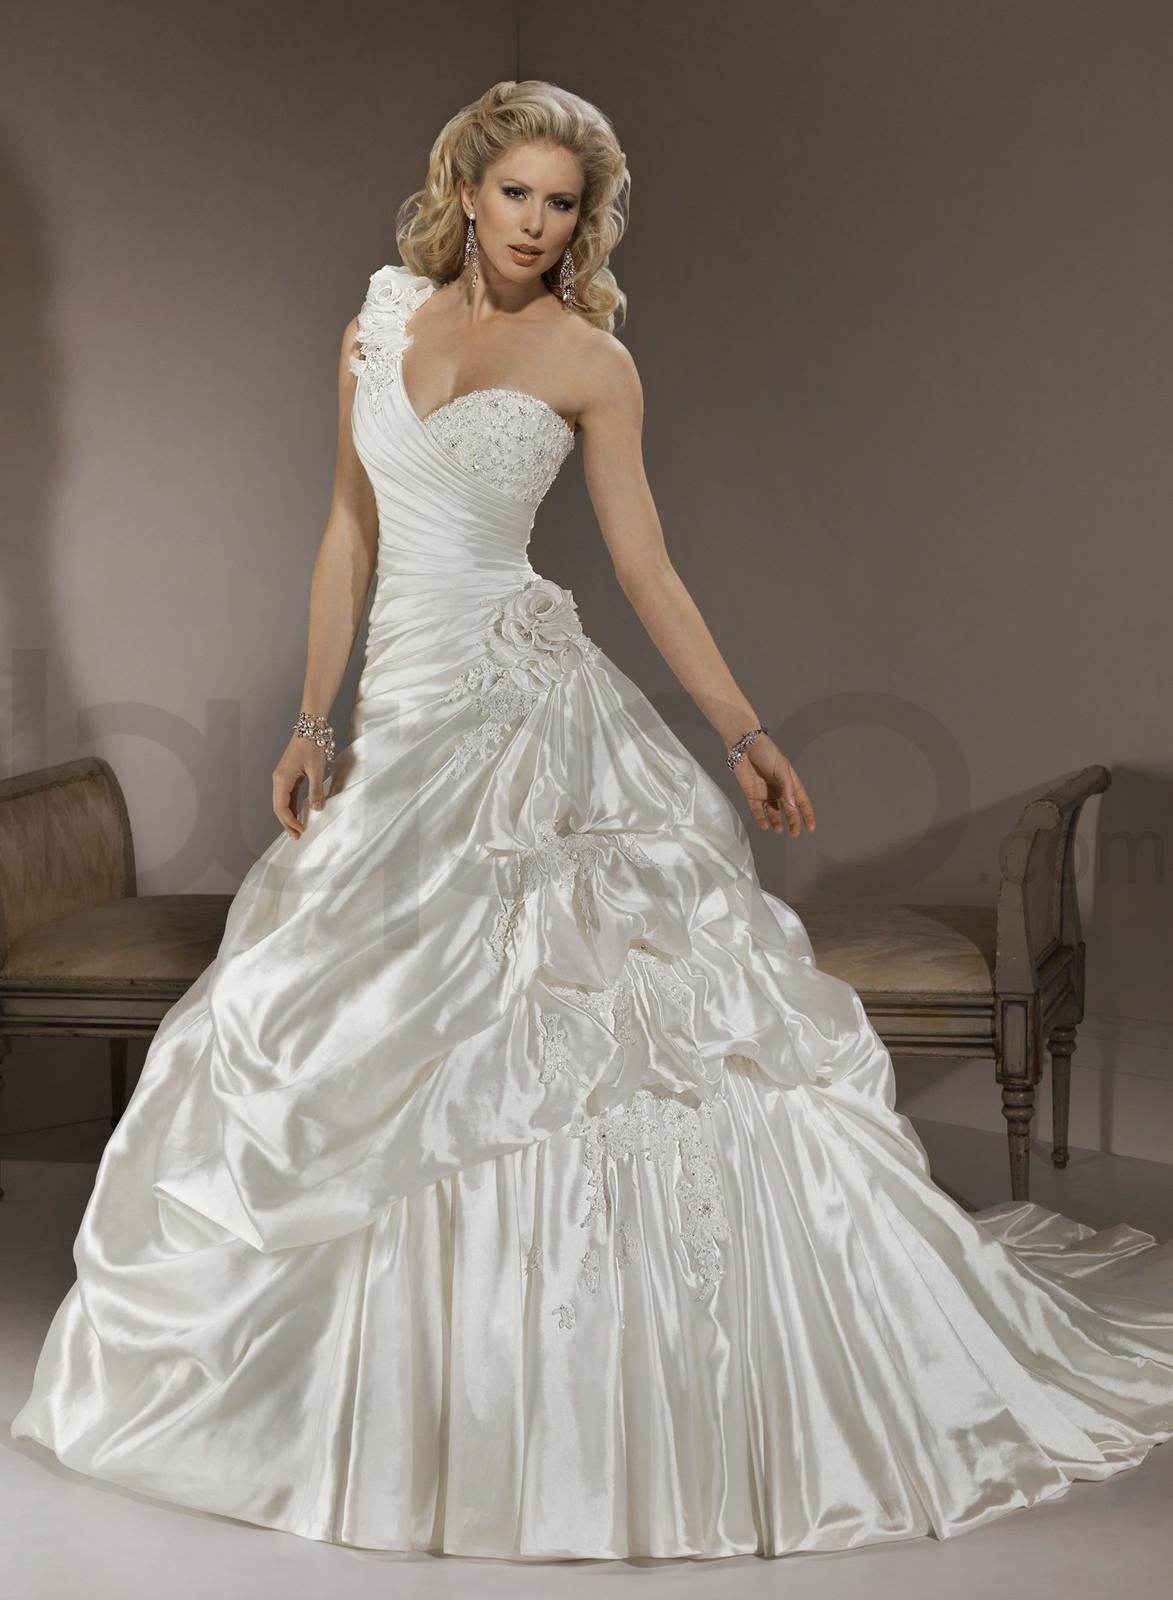 Svadobné šaty, čo sa mi páčia :) - Obrázok č. 41